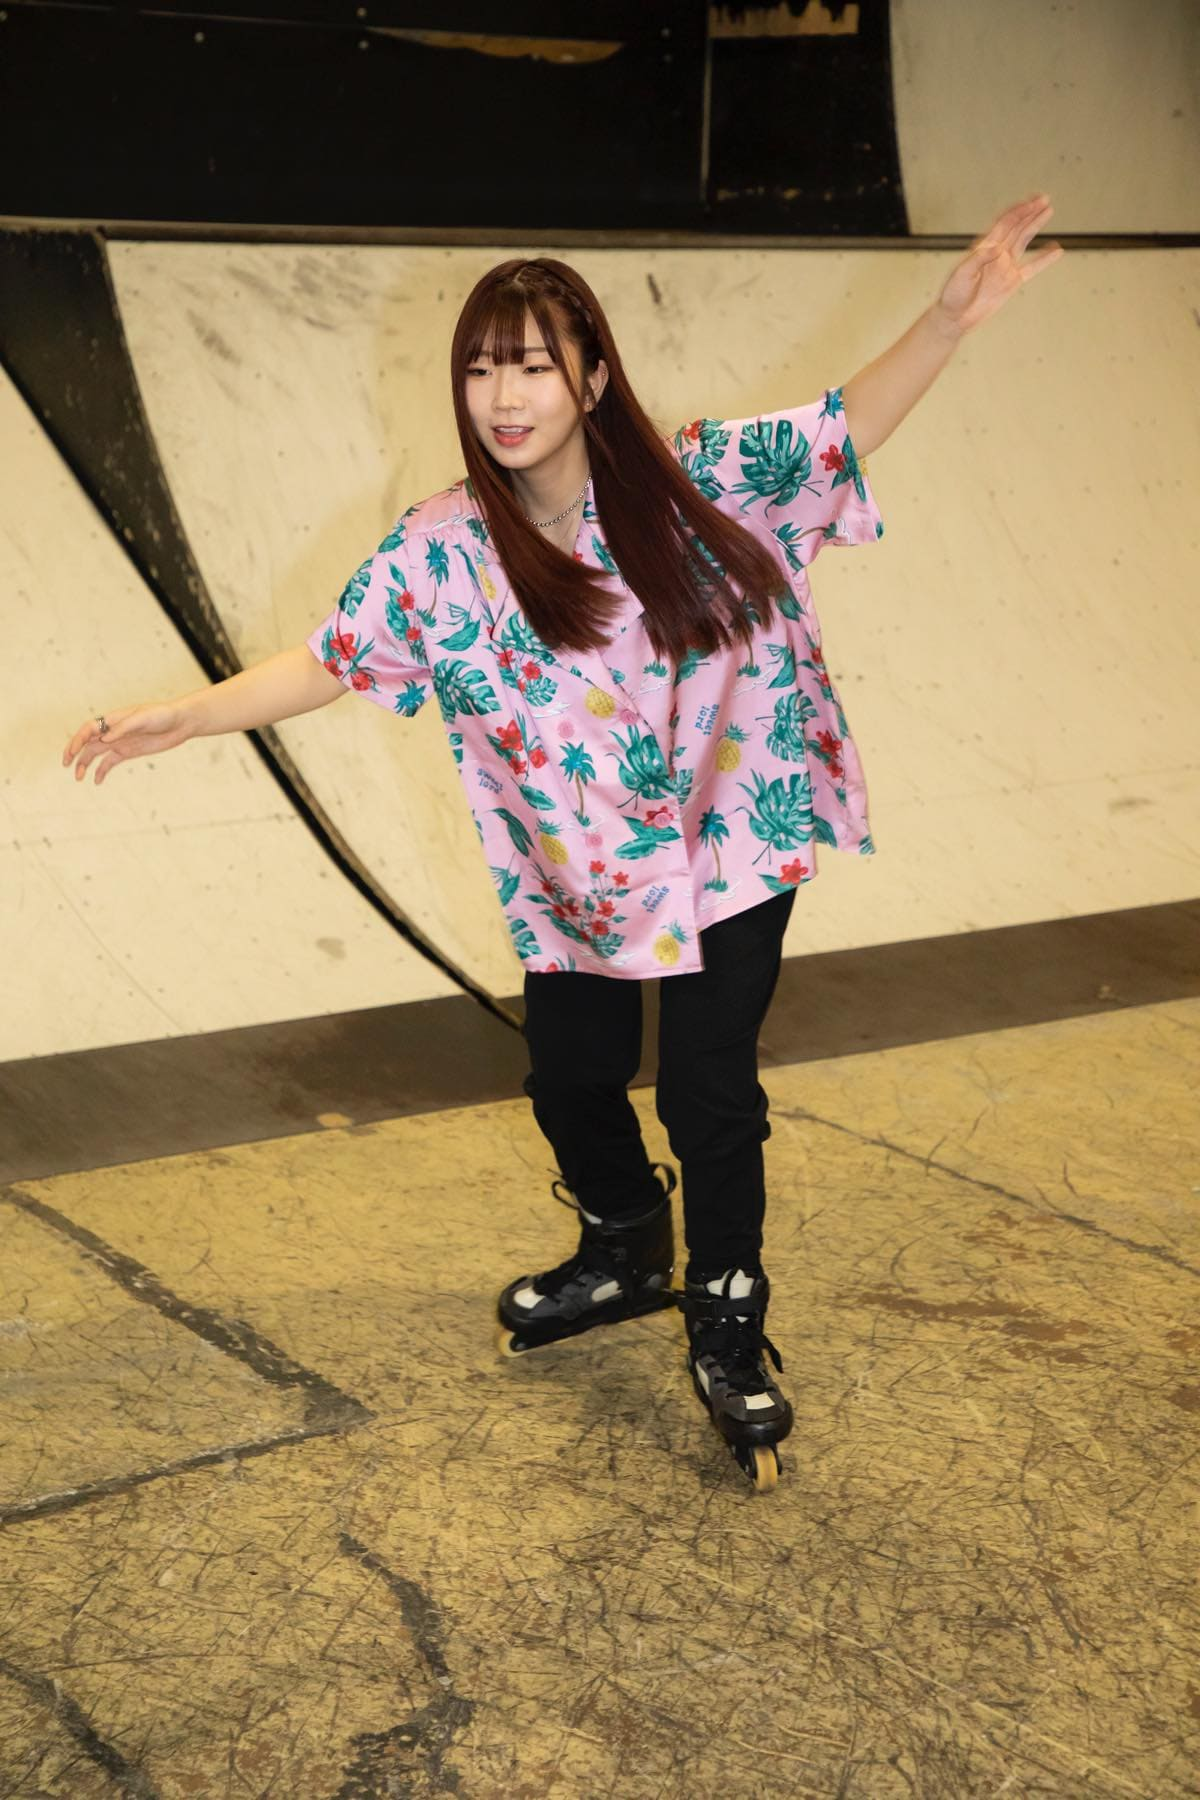 米田みいな「初めてのインラインスケートでなぜかにゃんこスターのモノマネ!?」【写真37枚】【連載】ラストアイドルのすっぴん!vol.21の画像013